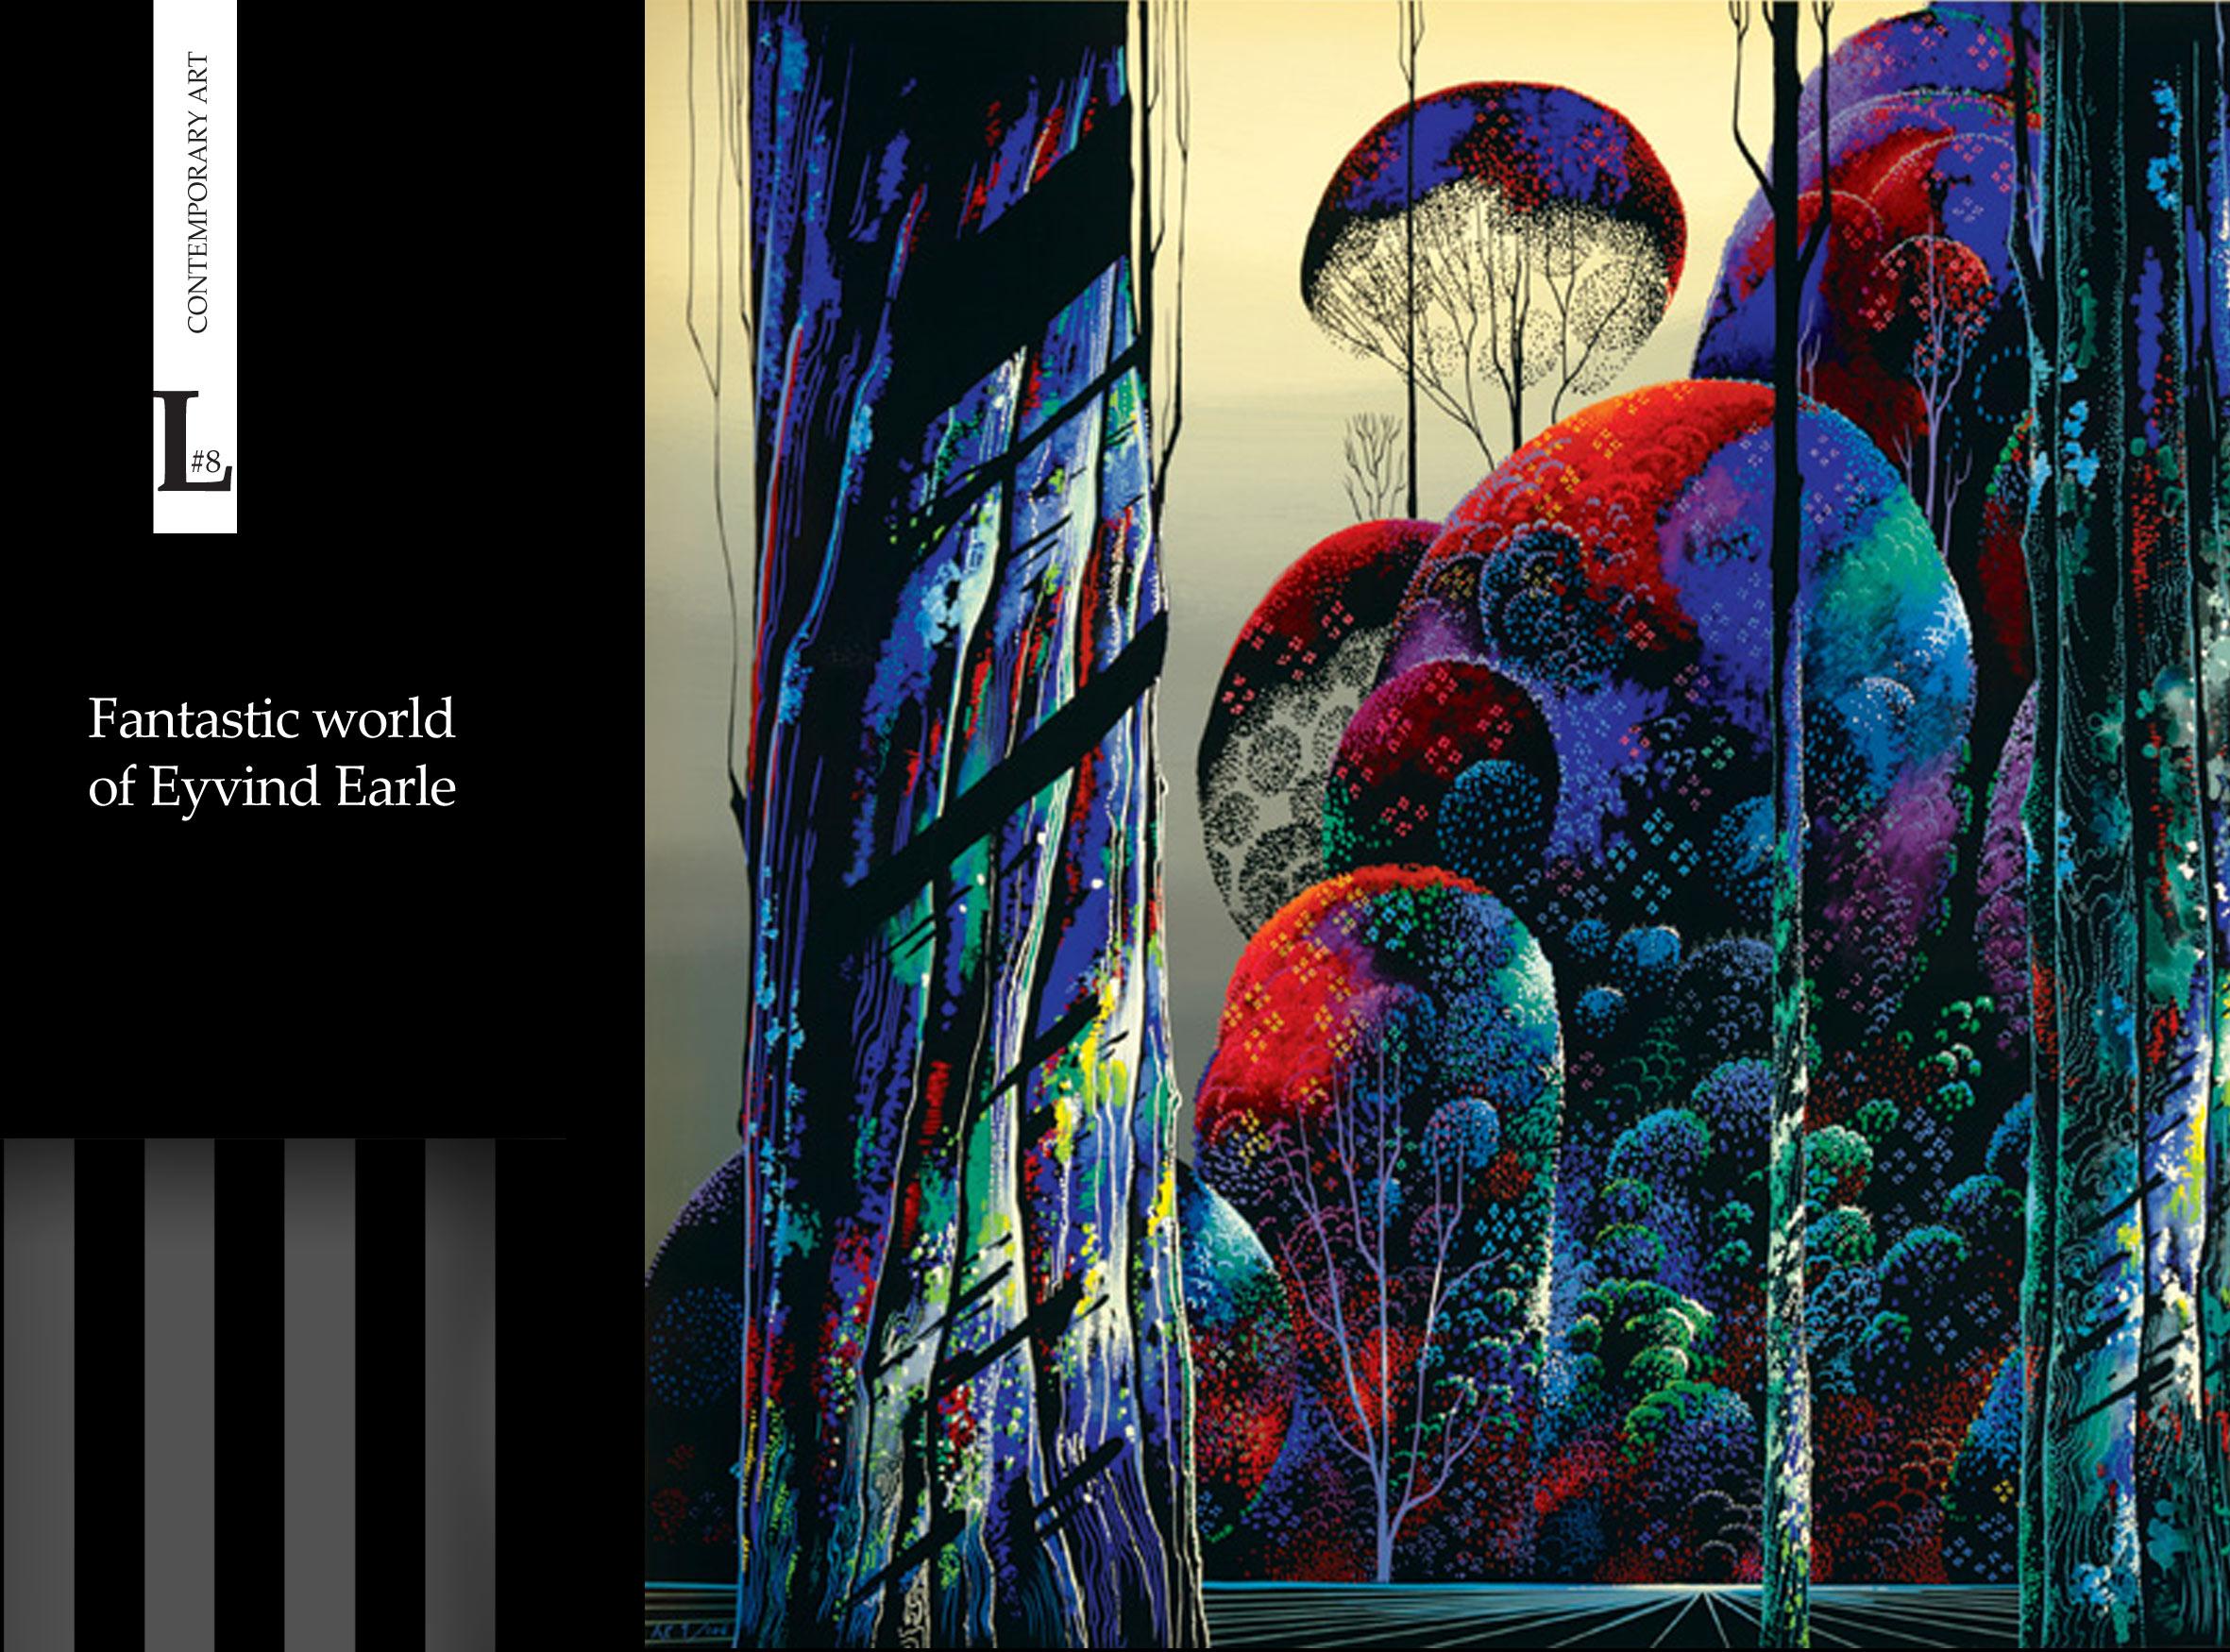 Fantastic world of Eyvind Earle | La frimeuse